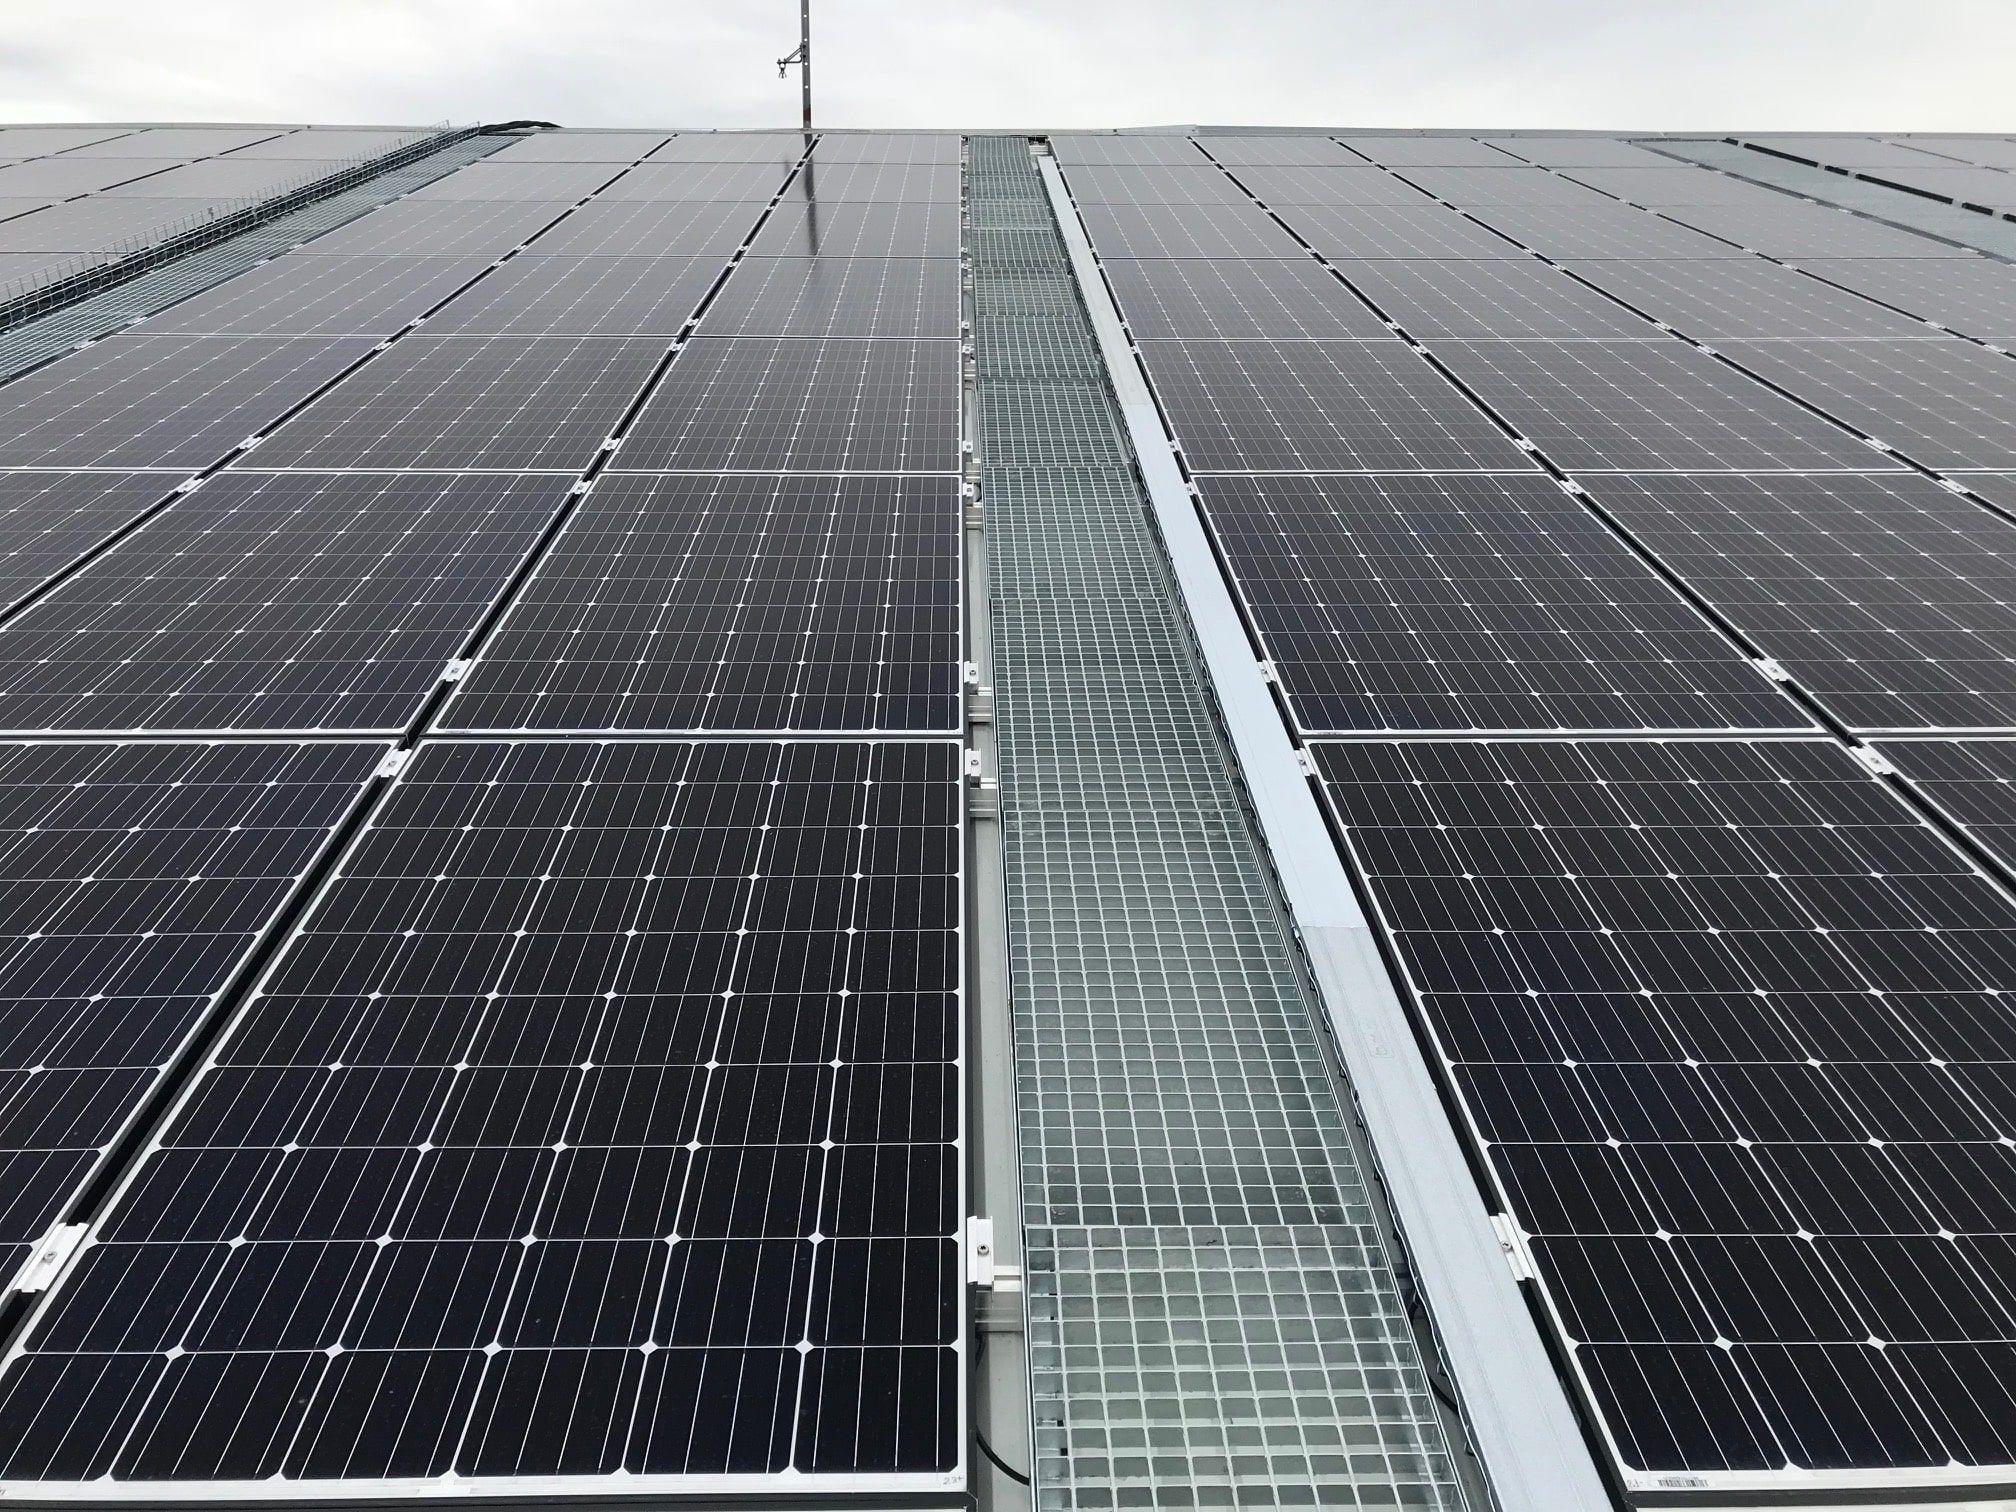 Instalacion paneles solares (Intorsa) - Inel